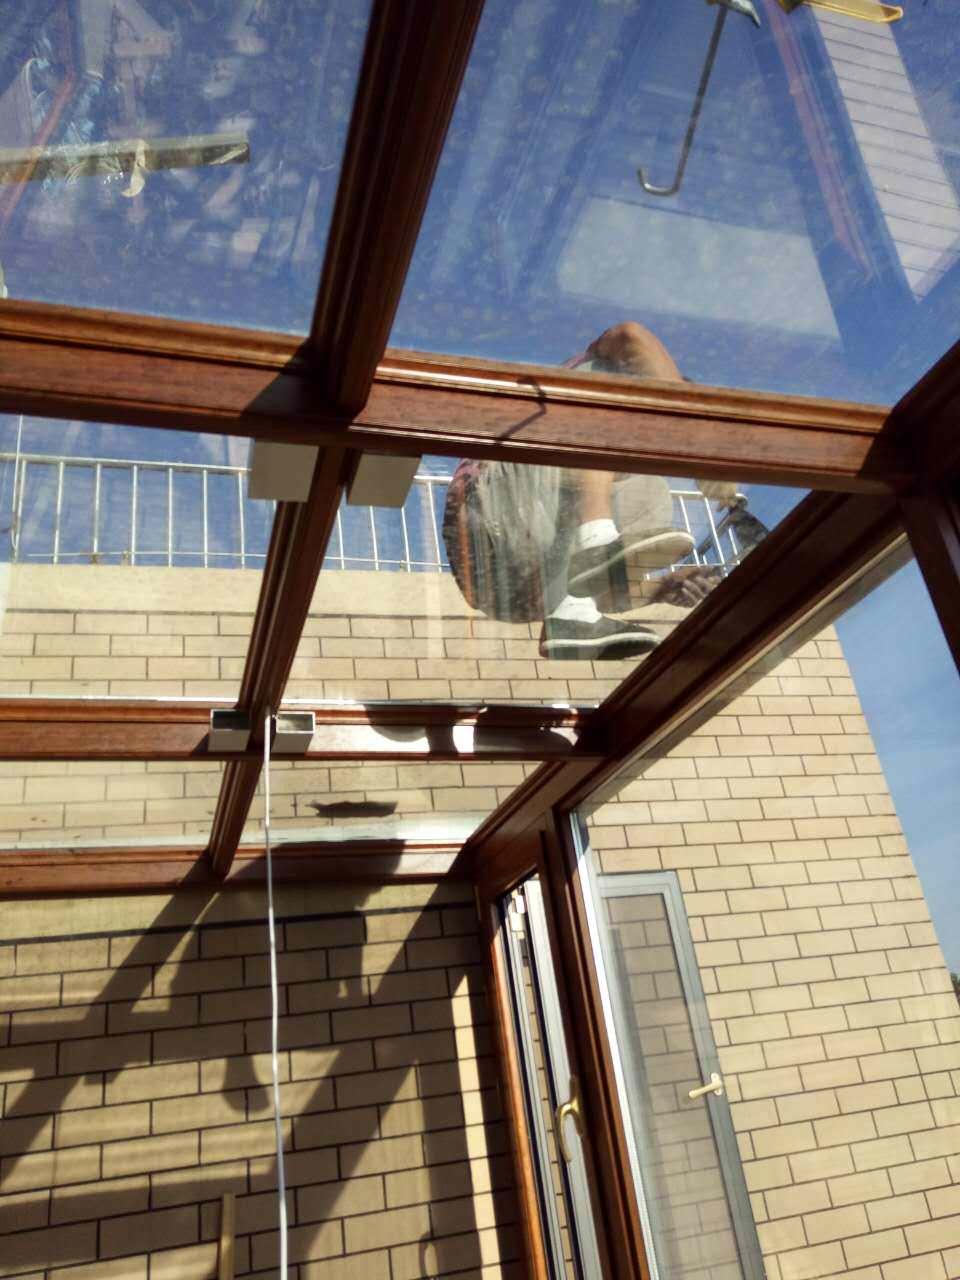 BOB体育客户端玻璃阳光房 钢结构支架 联系电话:13176357556